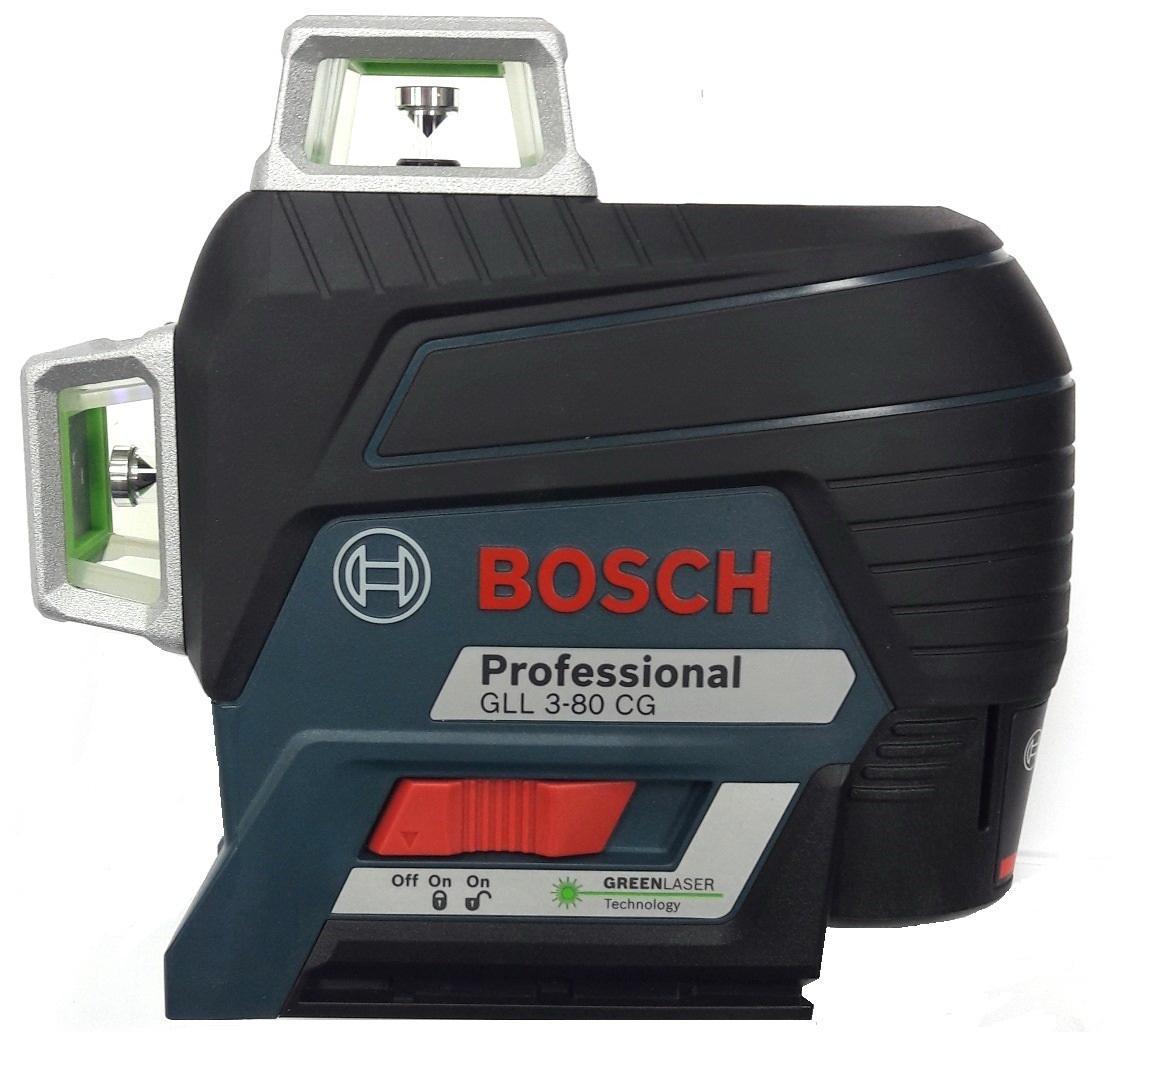 Набор Bosch Уровень gll 3-80cg+bm1+12v+l-boxx (0.601.063.t00) +Дальномер glm 30 (0.601.072.500)